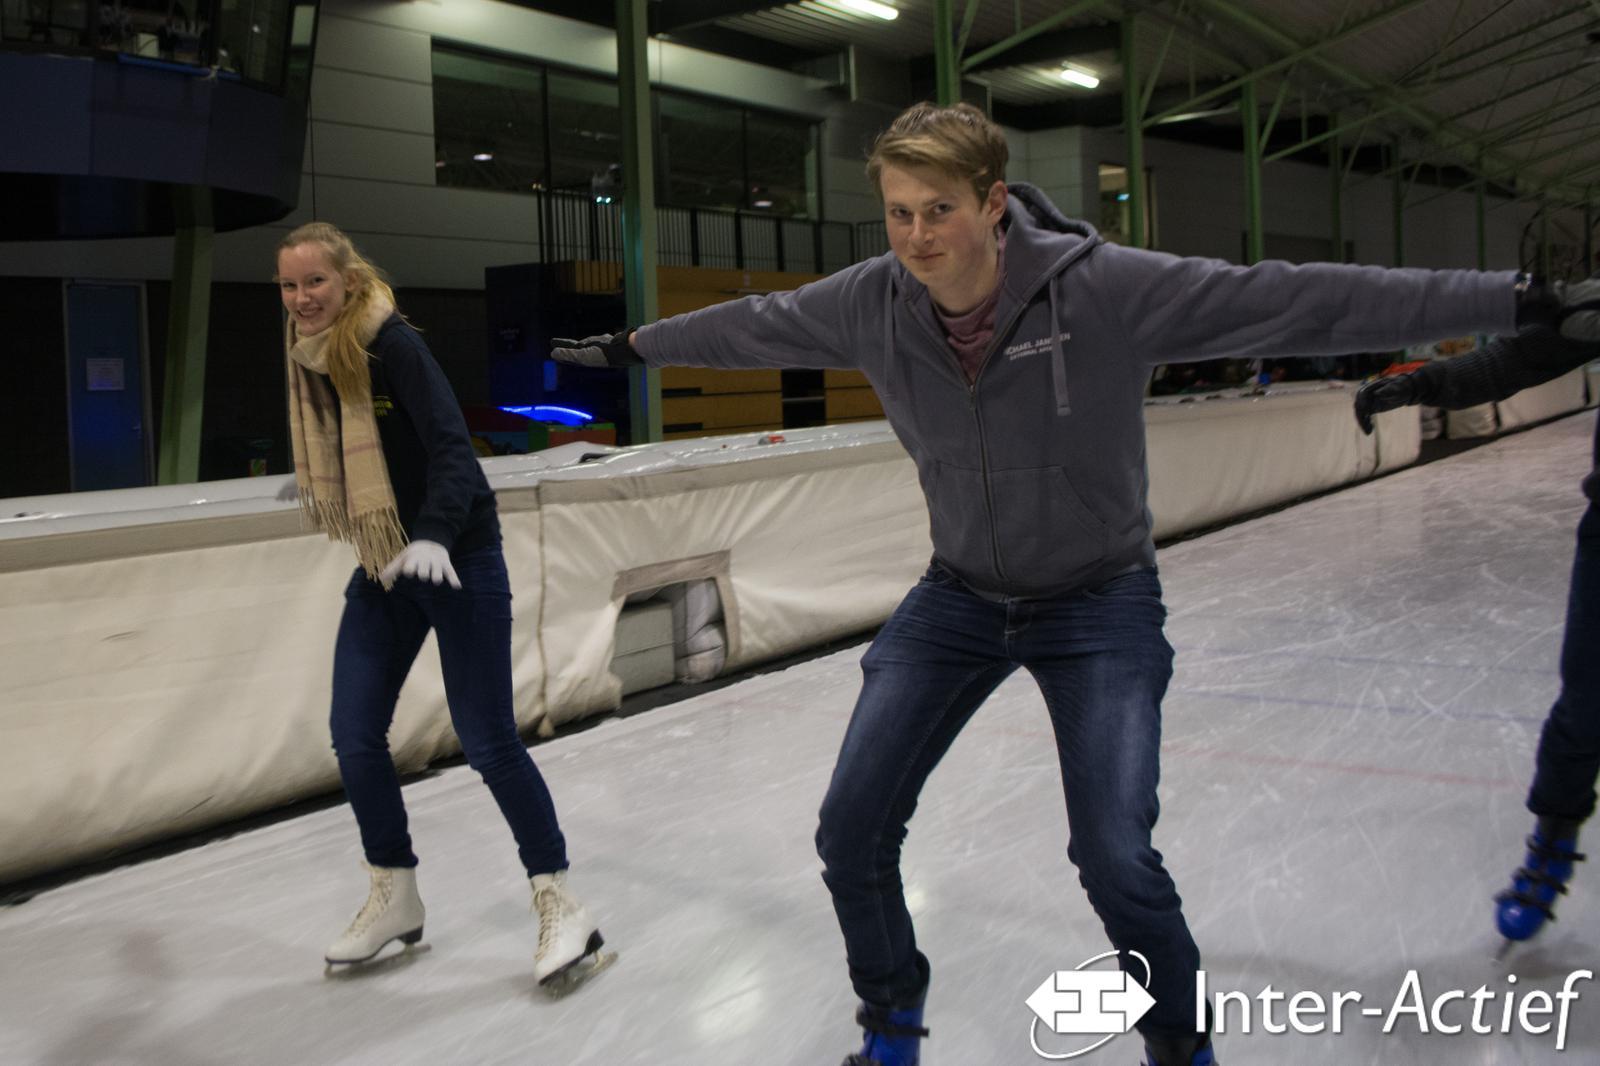 IceSkating20200116_NielsdeGroot-12.jpg